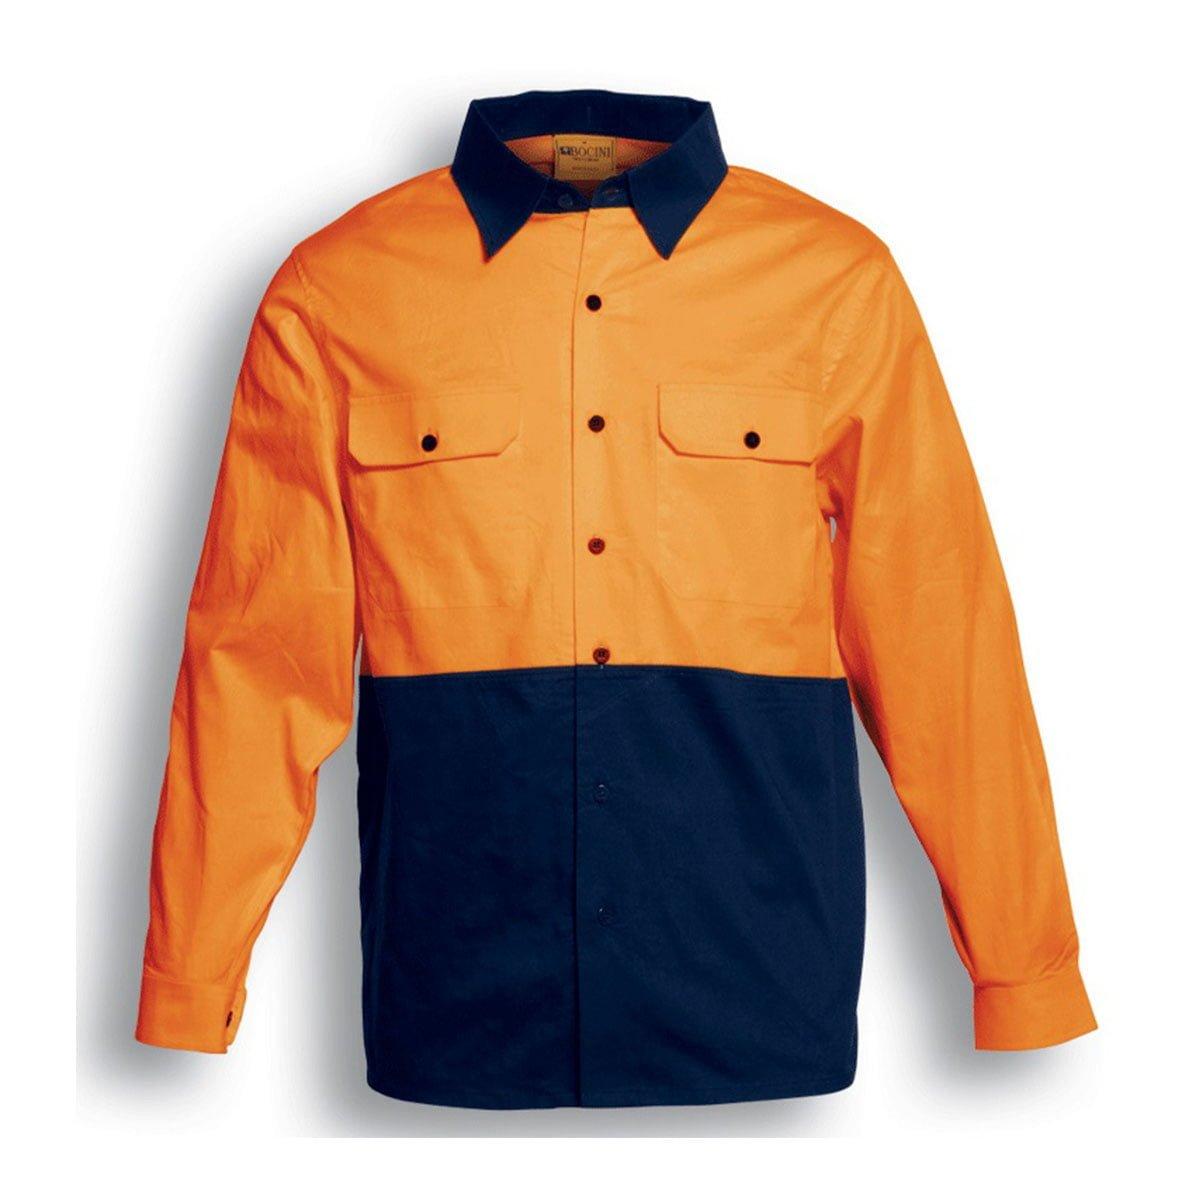 HI-VIS COTTON TWILL SHIRT L/S-Orange / Navy